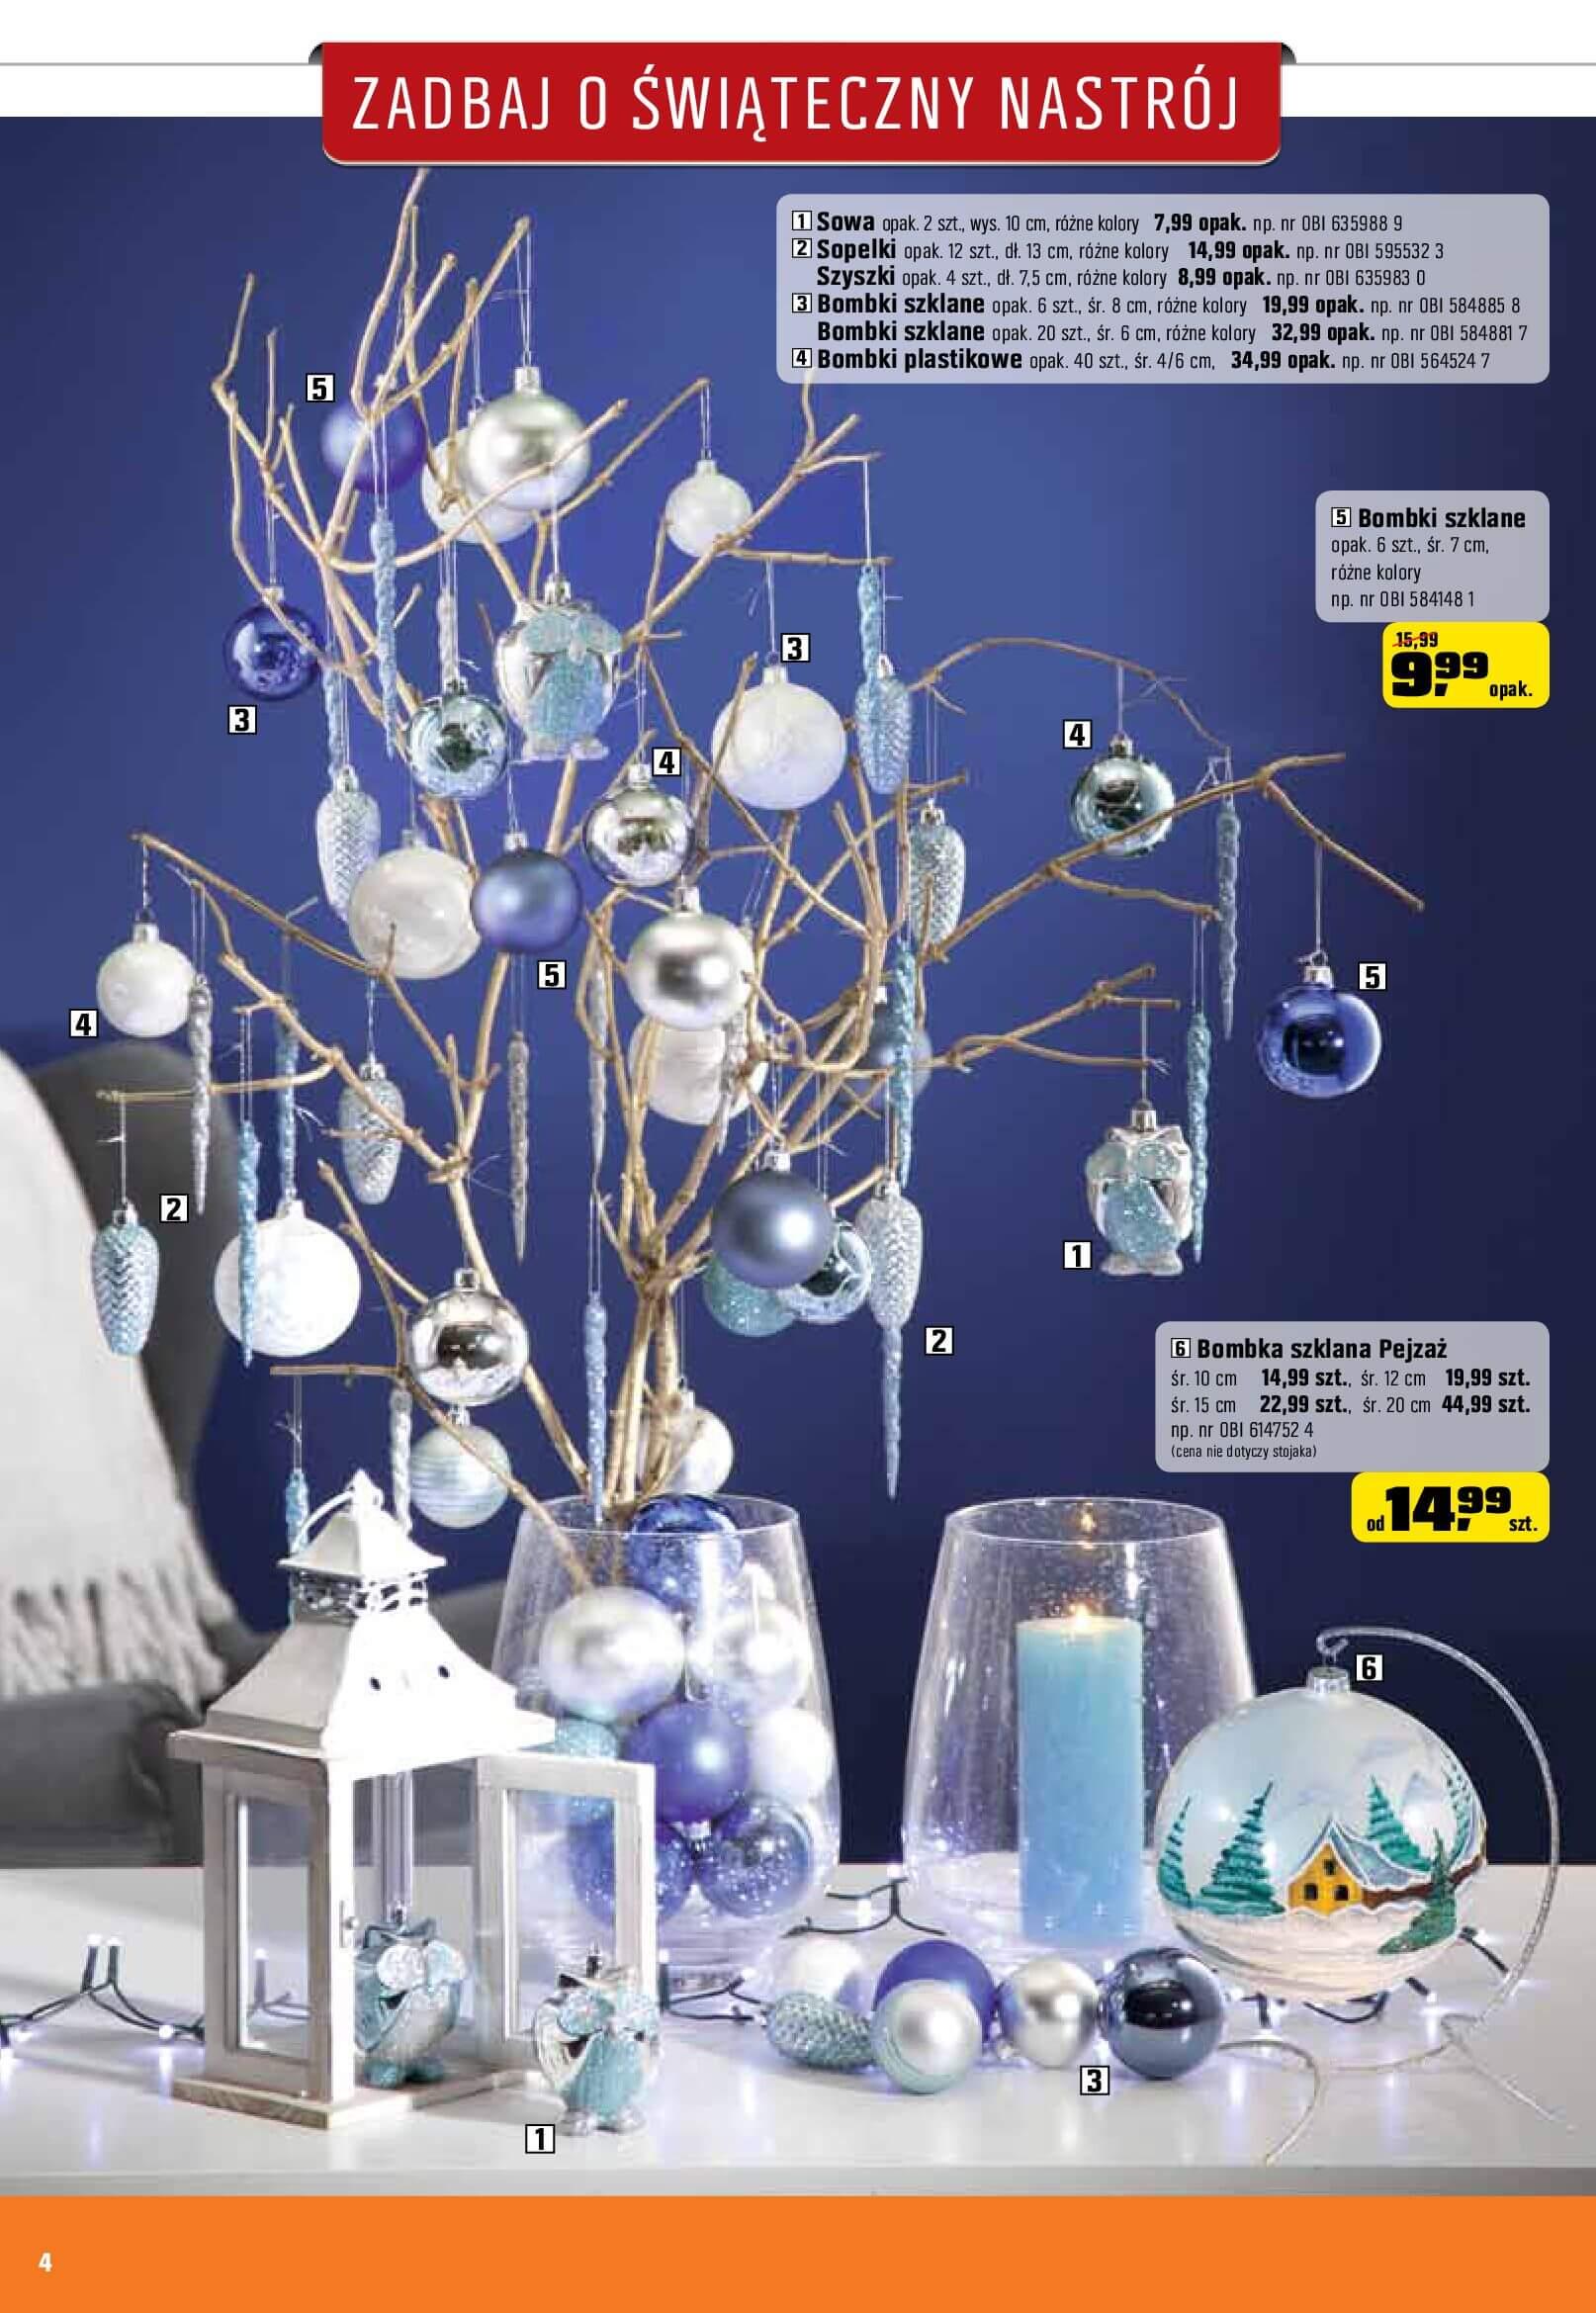 Gazetka OBI - Zadbaj o świąteczny nastrój-06.12.2017-02.01.2018-page-4